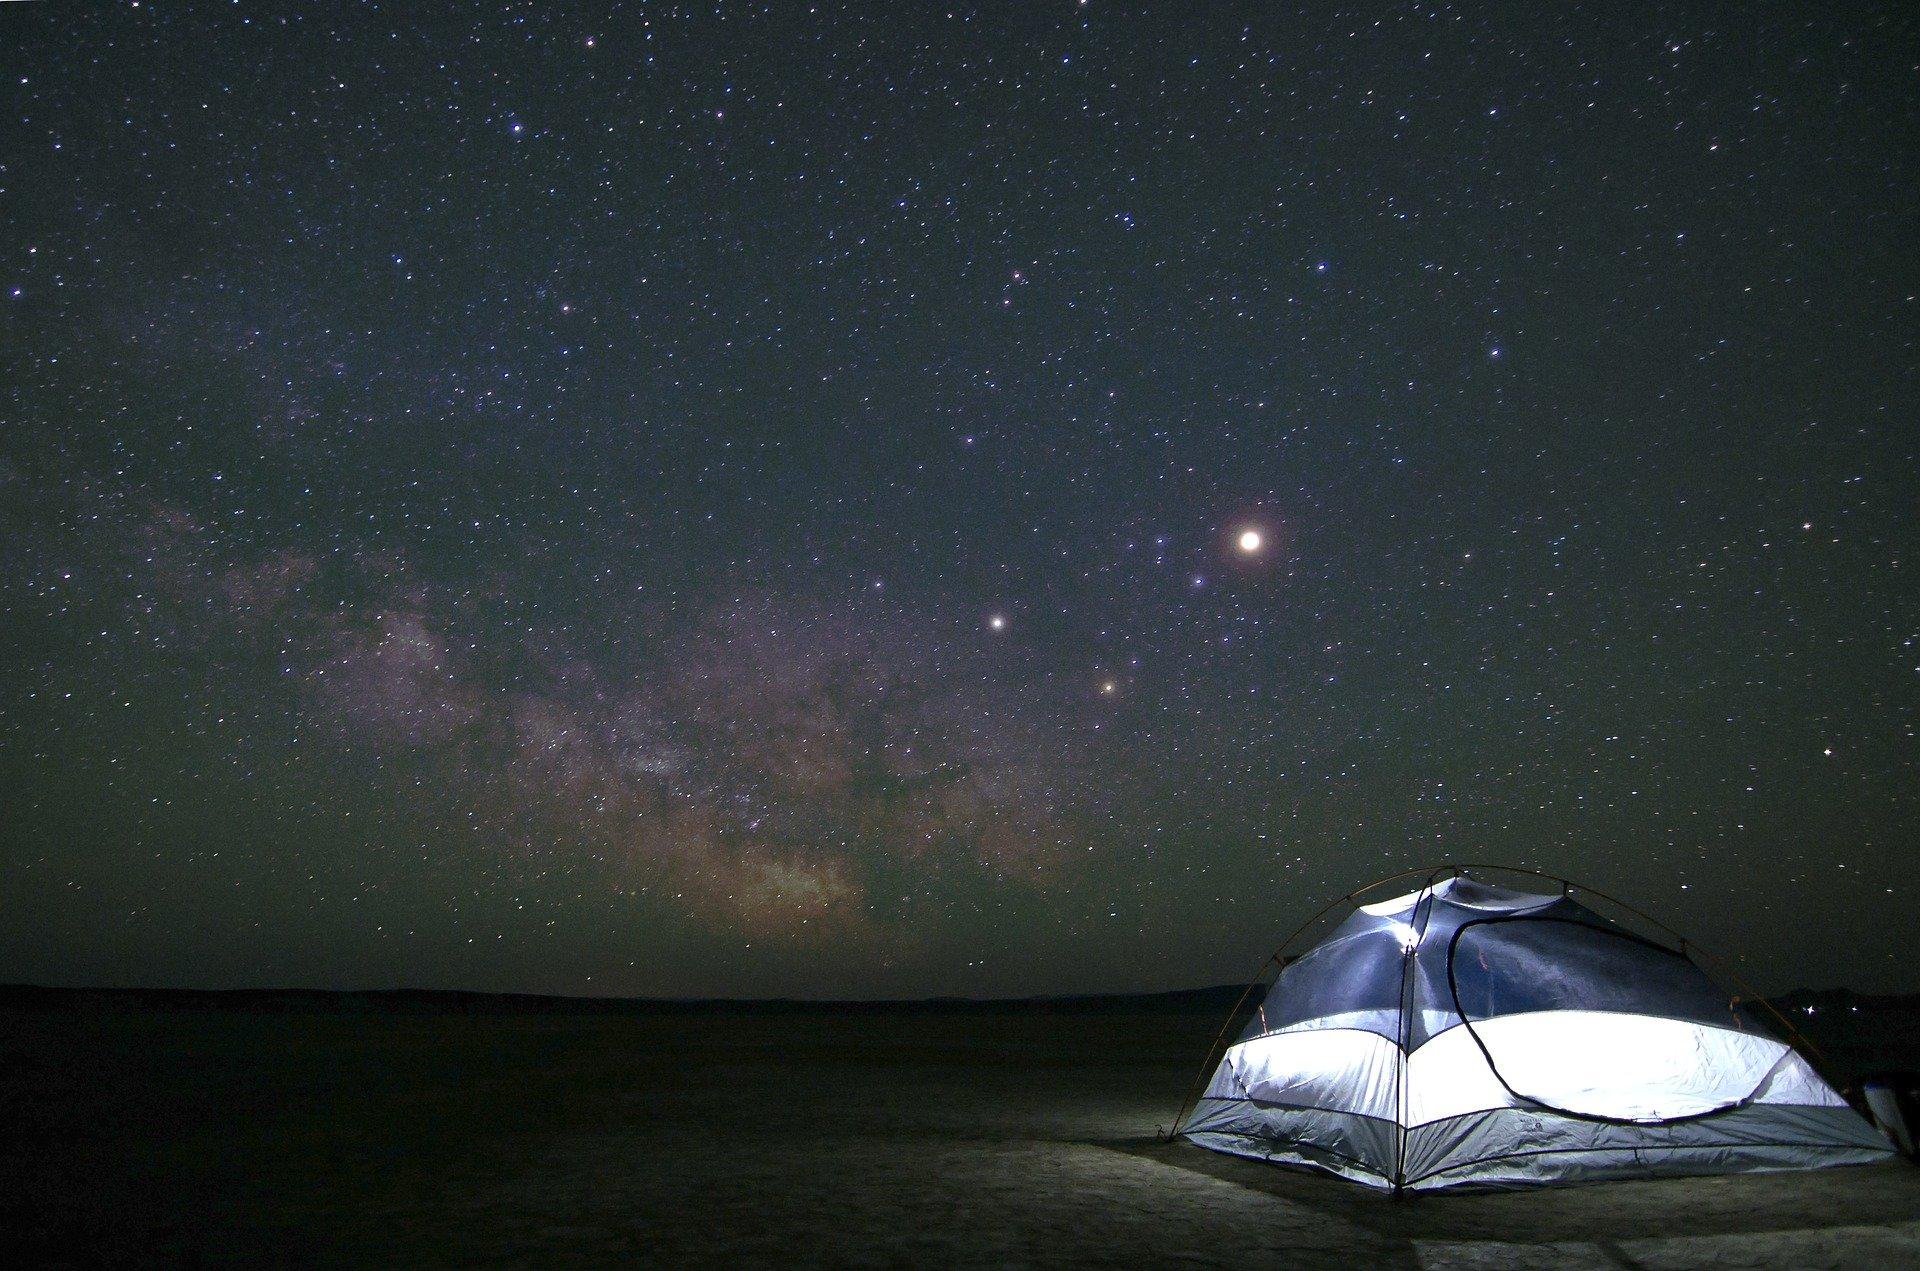 camping 1845906 1920